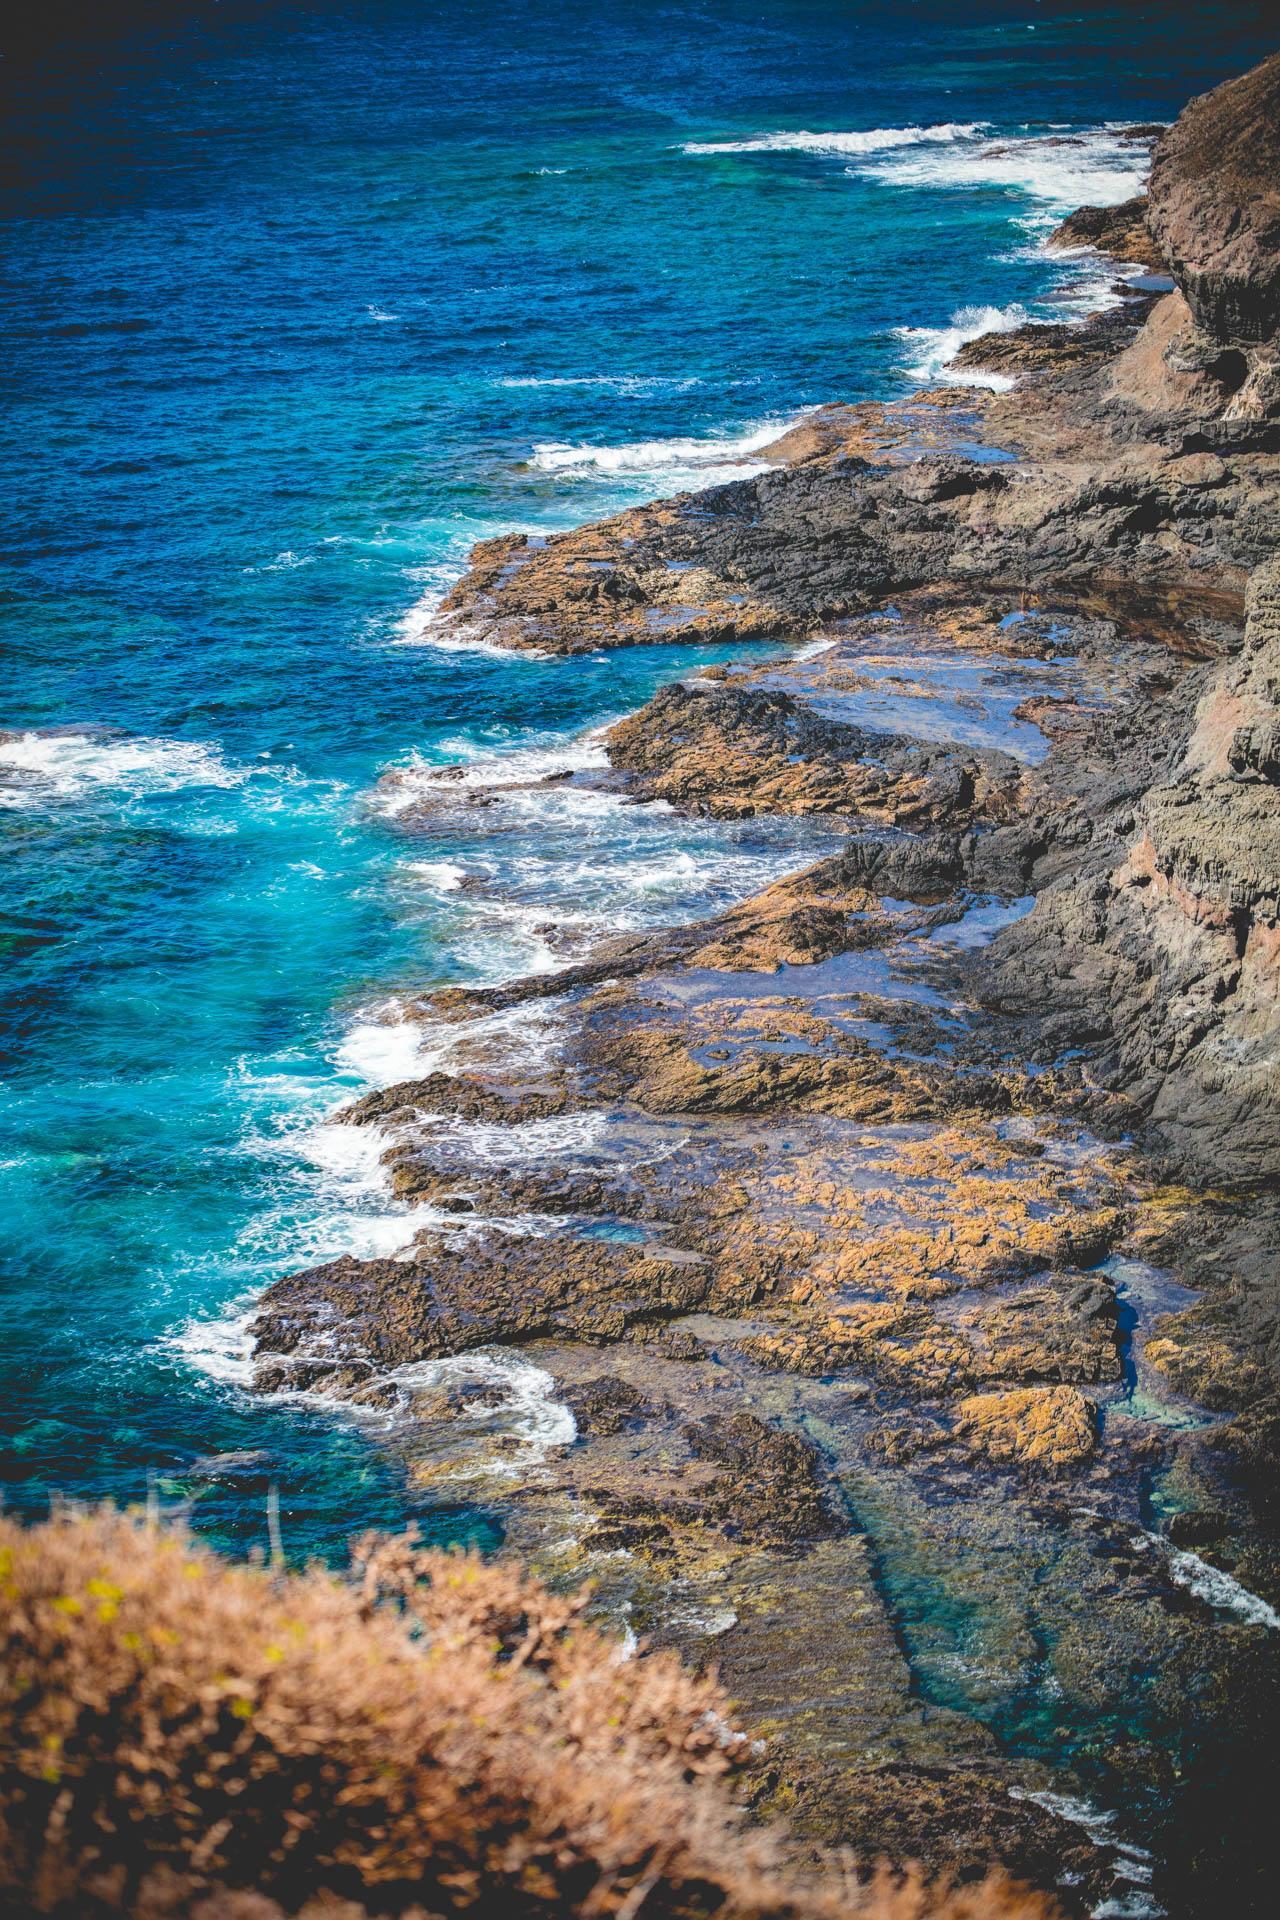 Der schwarze Felsstrand Playa la Caleta auf Gran Canaria mit tiefblauem Atlantik und tosenden Wellen